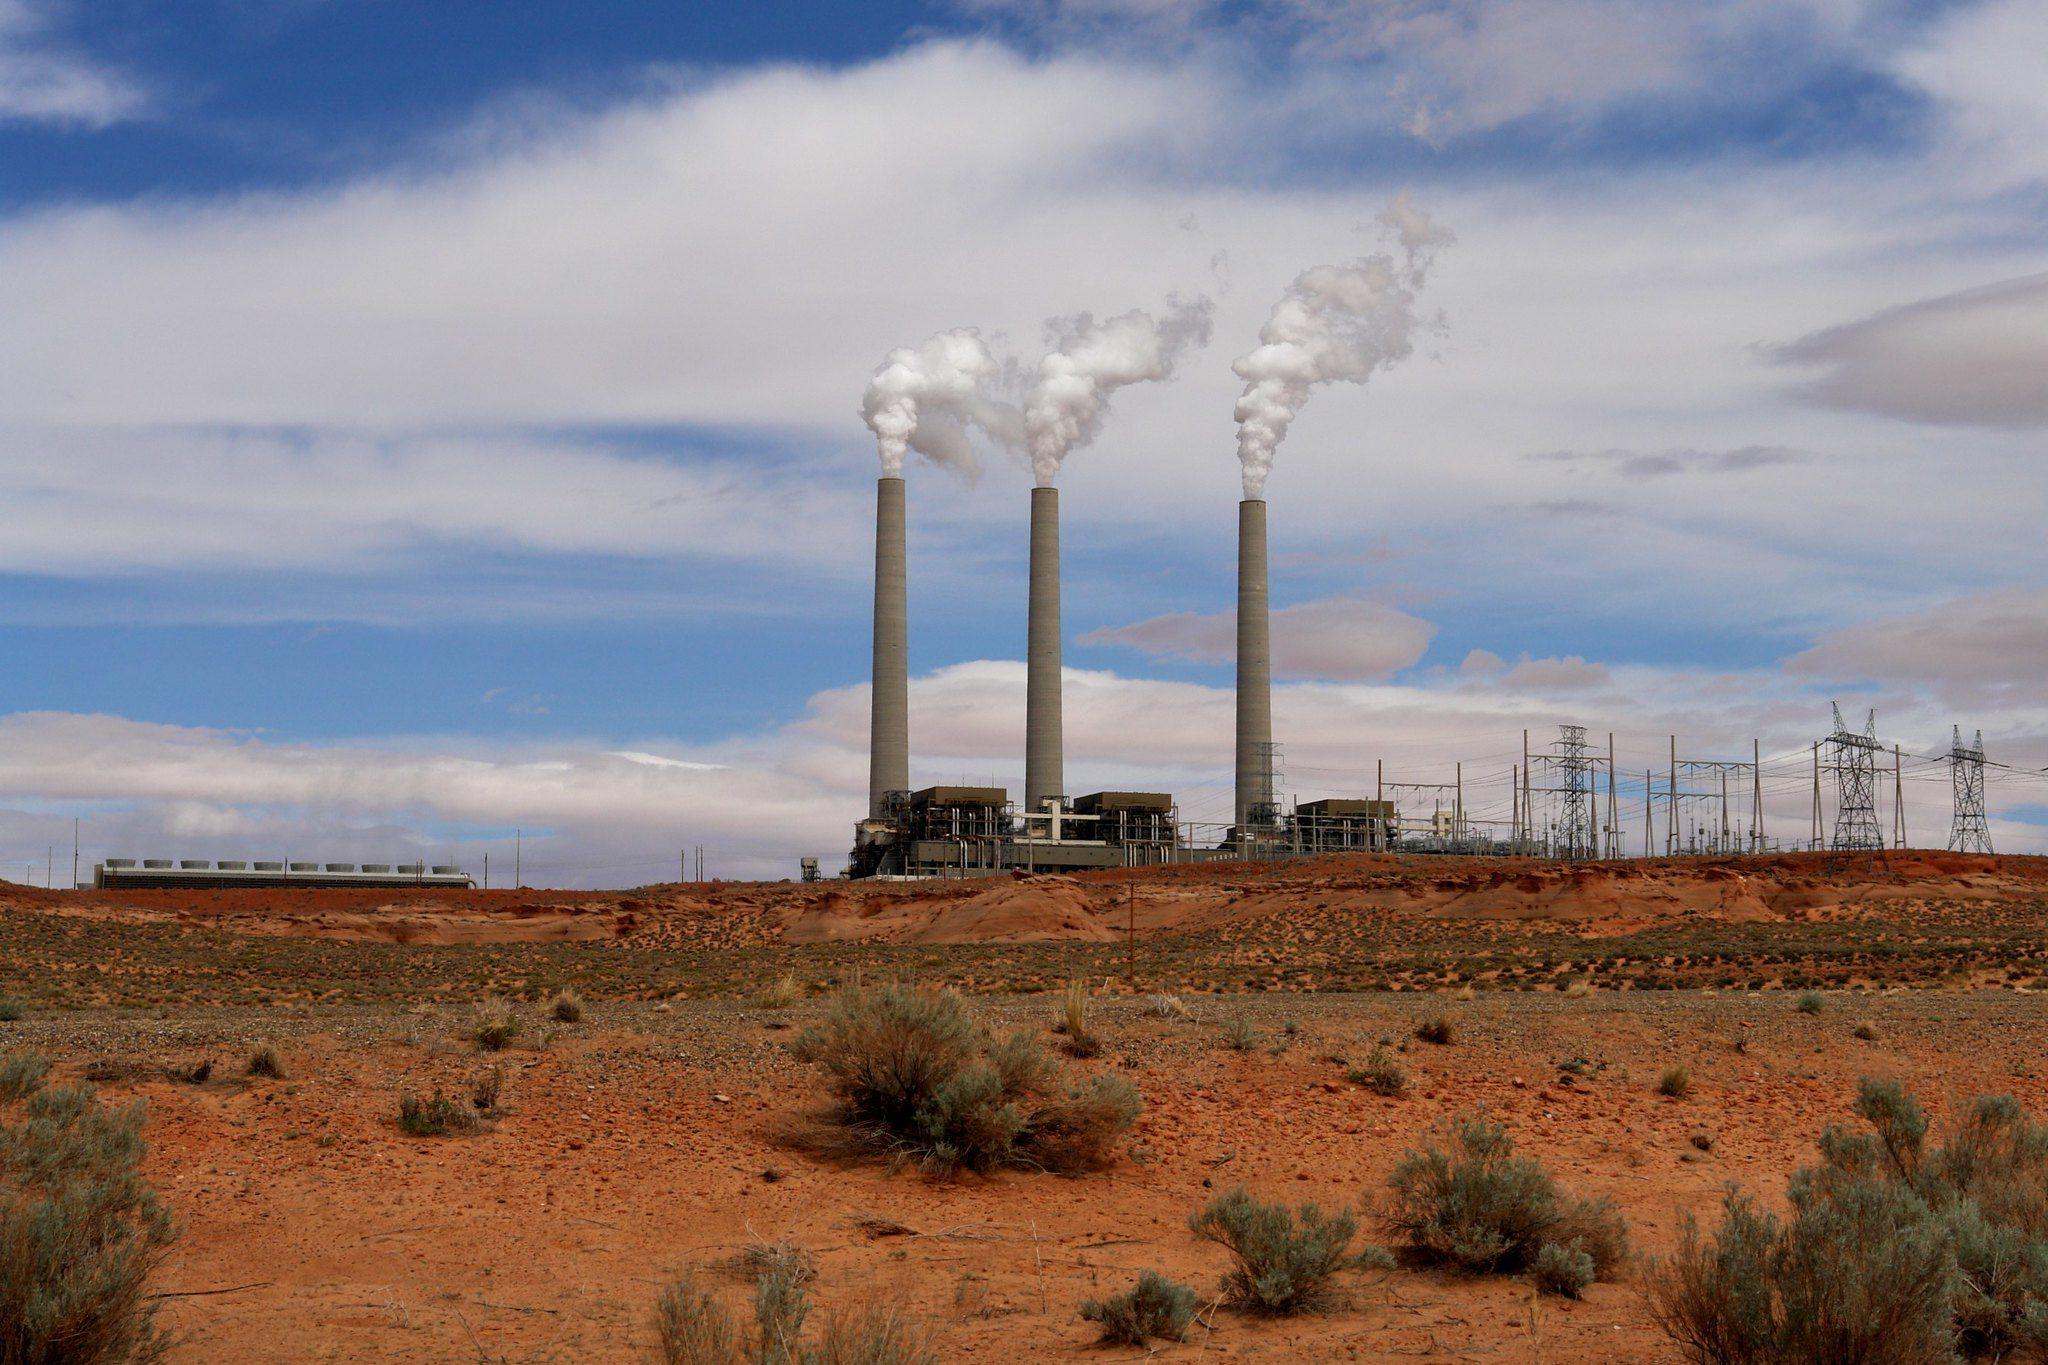 USA setzen Umweltgesetze aus